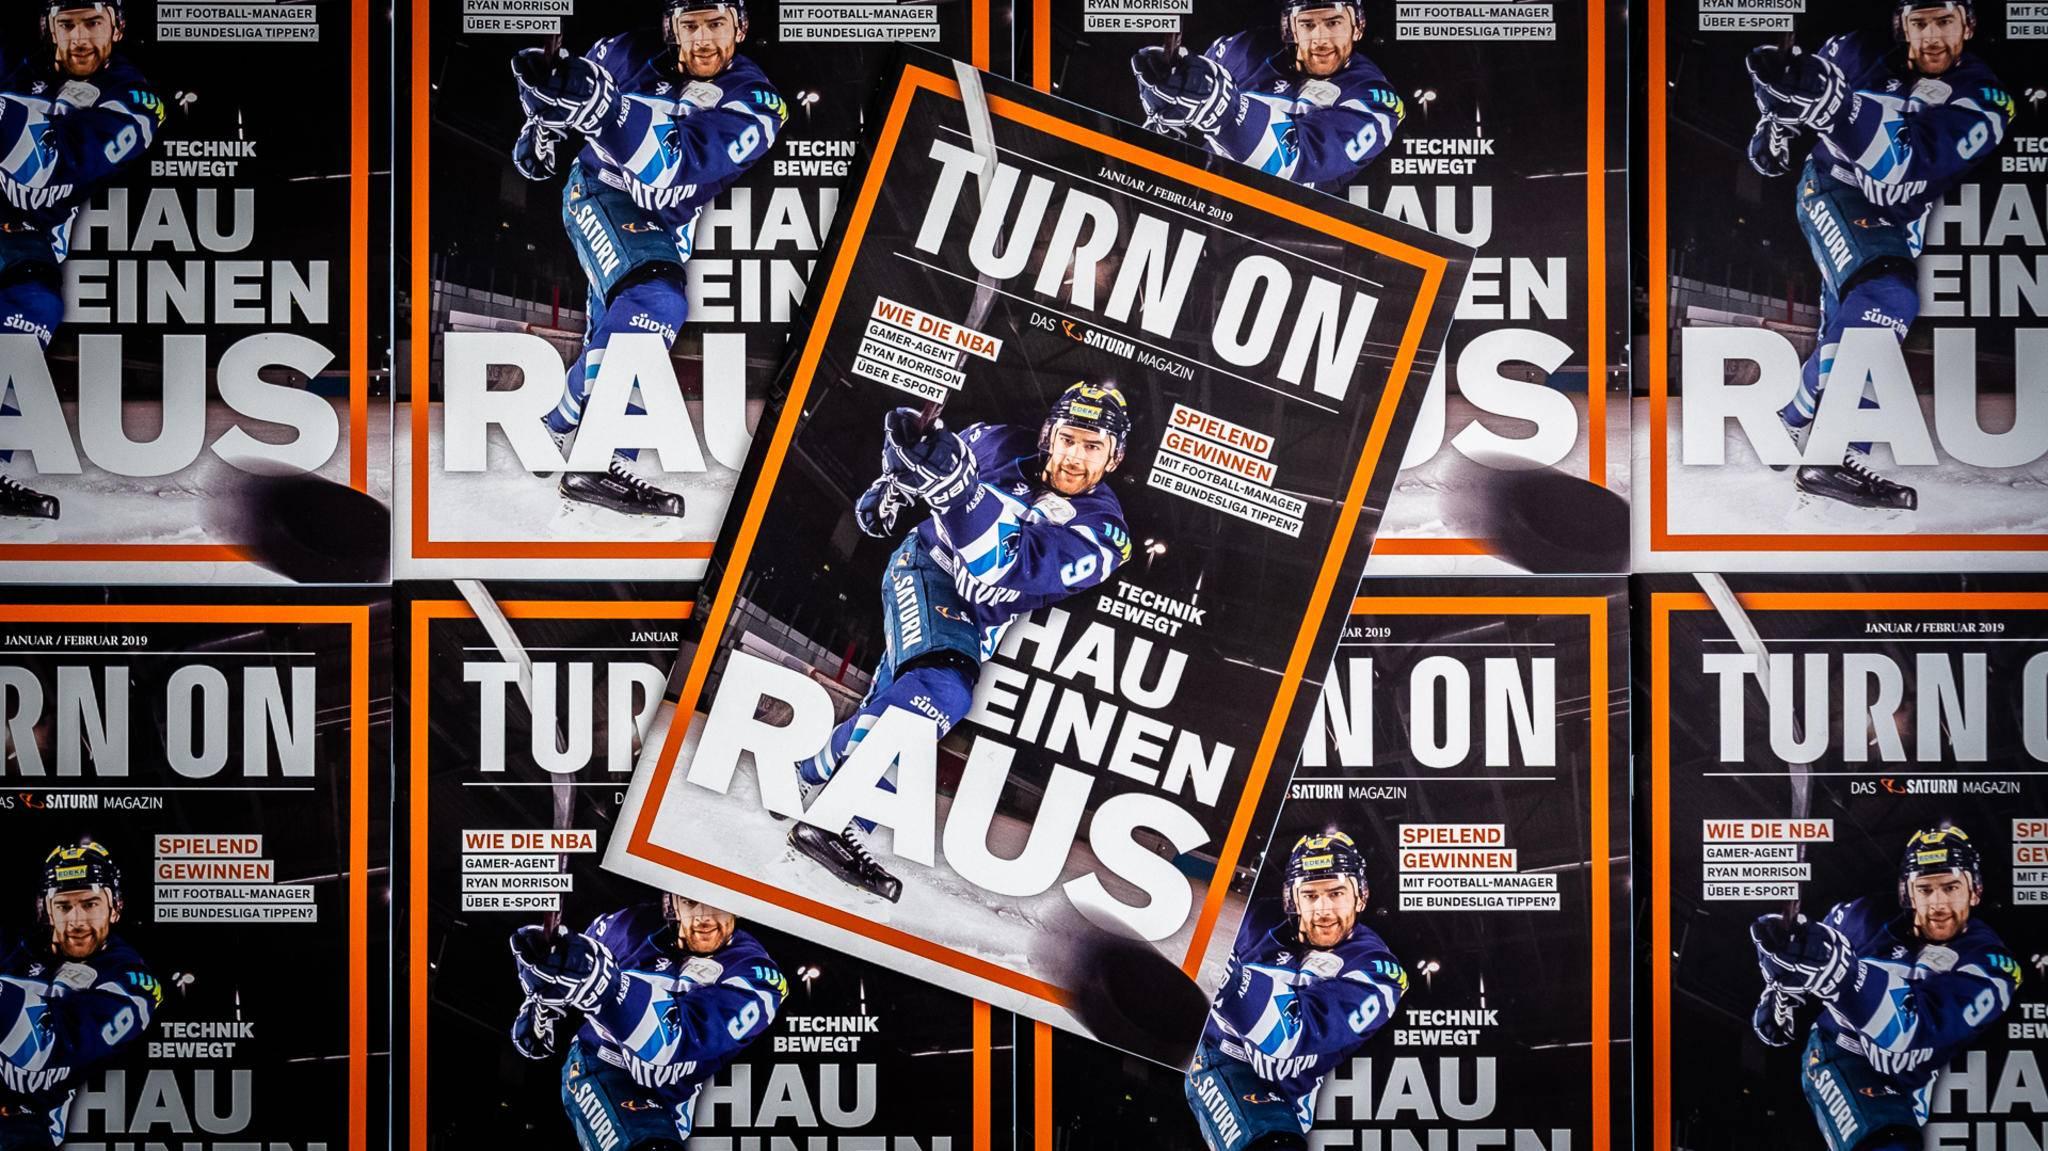 Treffsicher: In der aktuellen Ausgabe des TURN ON Magazins gibt es weitere Infos zum ERC Ingolstadt.